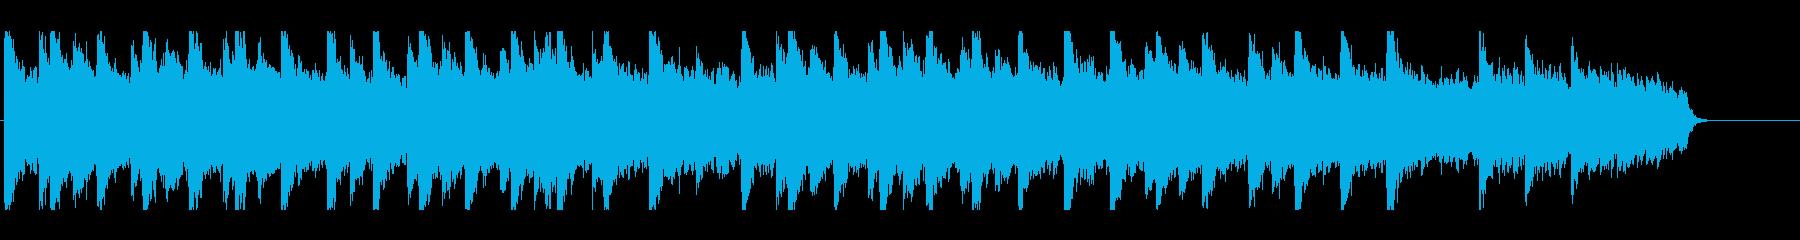 幻想 メルヘン しっとり 安らか 穏やかの再生済みの波形